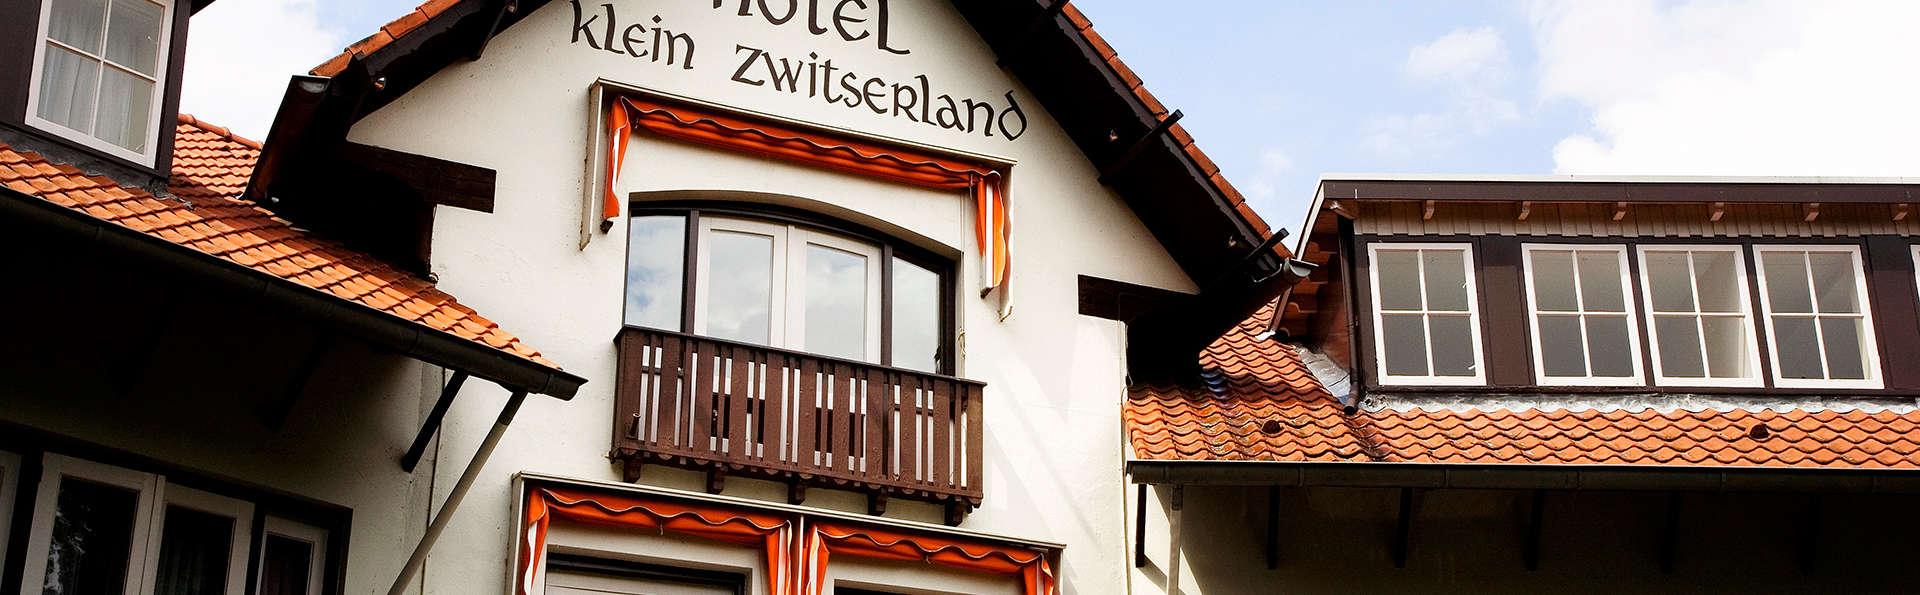 Fletcher Hotel Klein Zwitserland - EDIT_NEW_front2.jpg